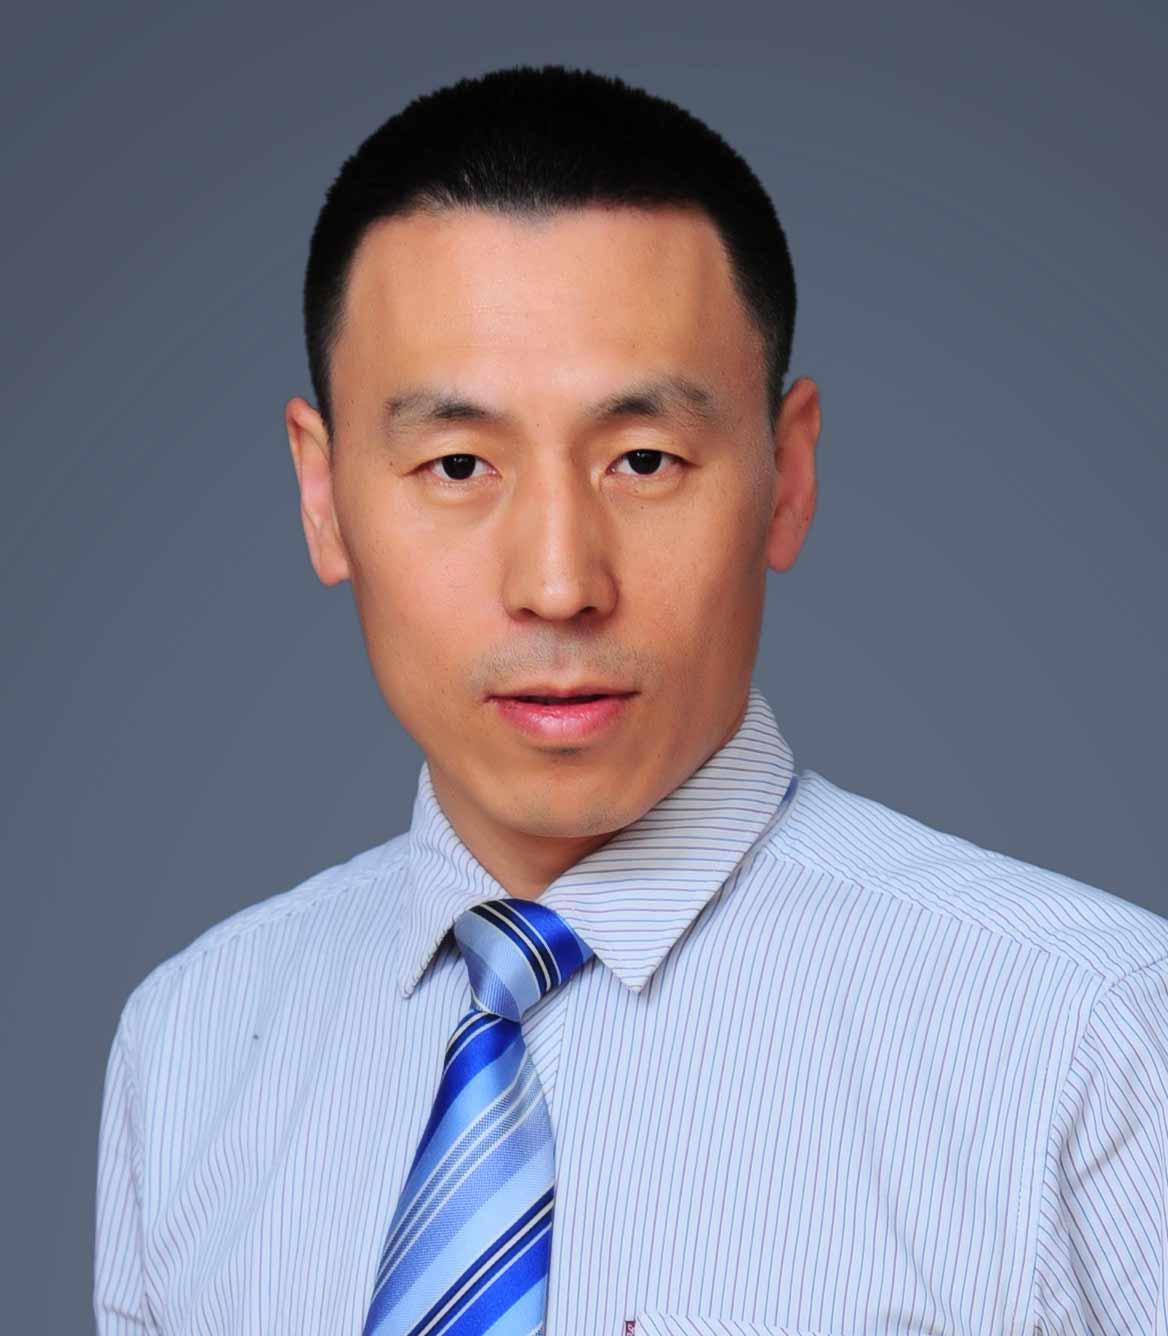 深圳知名刑事辩护律师_999刑事专门律师_知名刑事律师